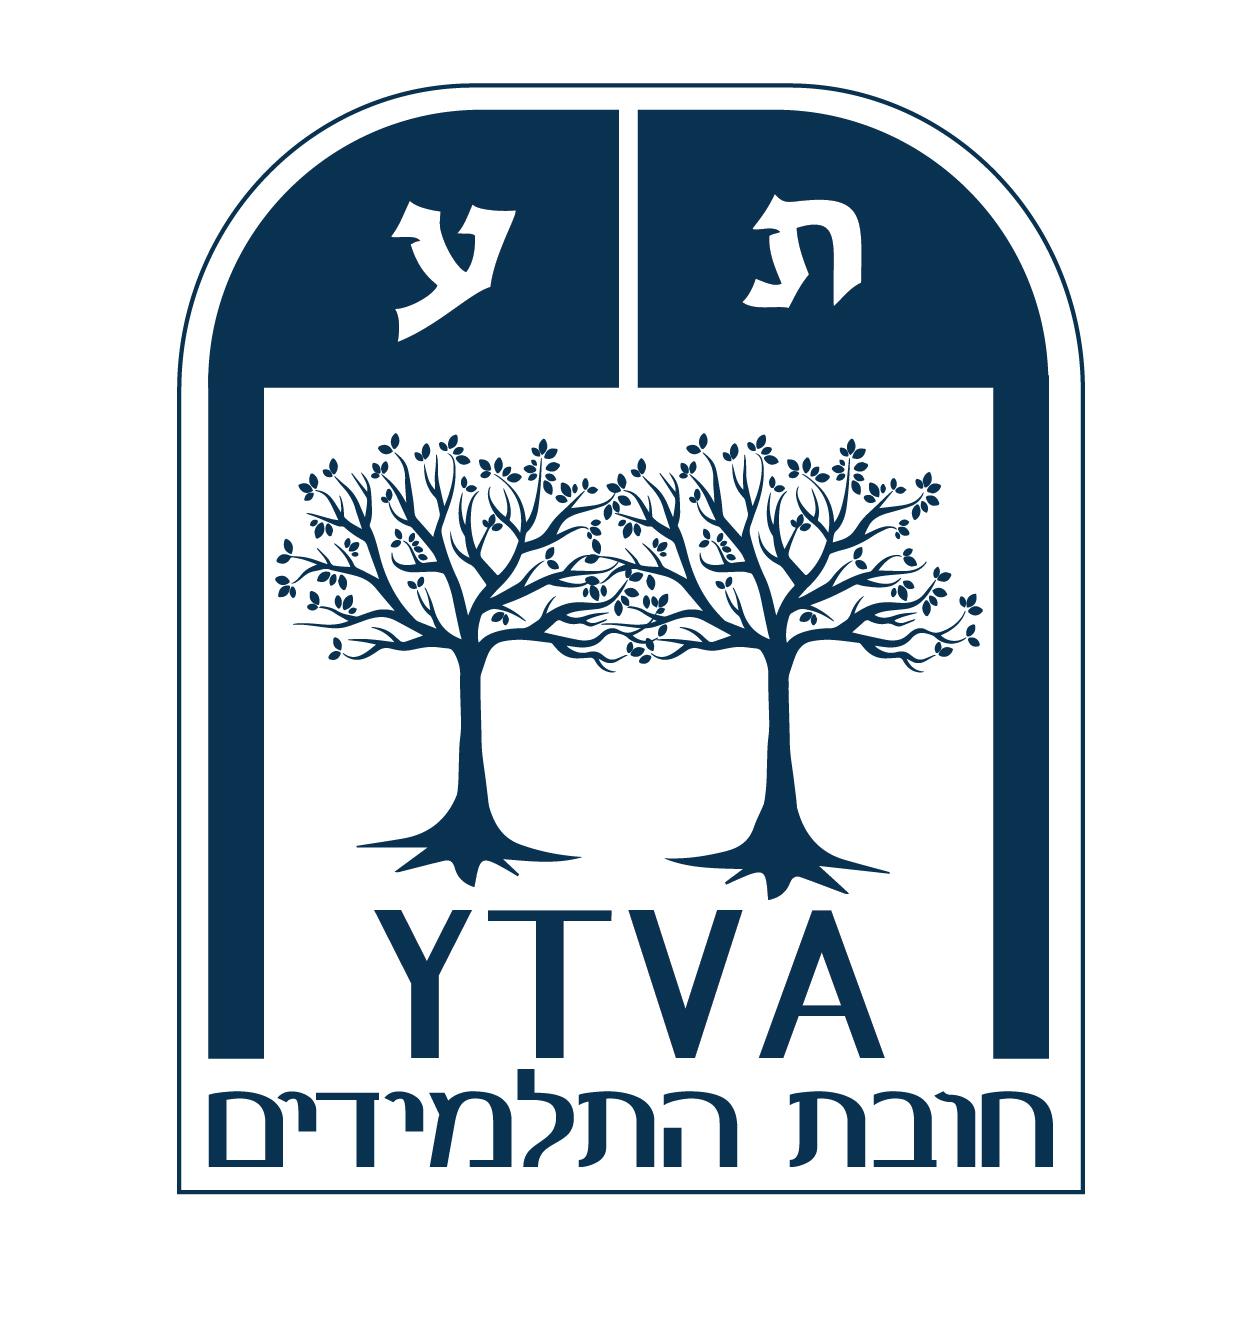 TVA_logo-04.jpg